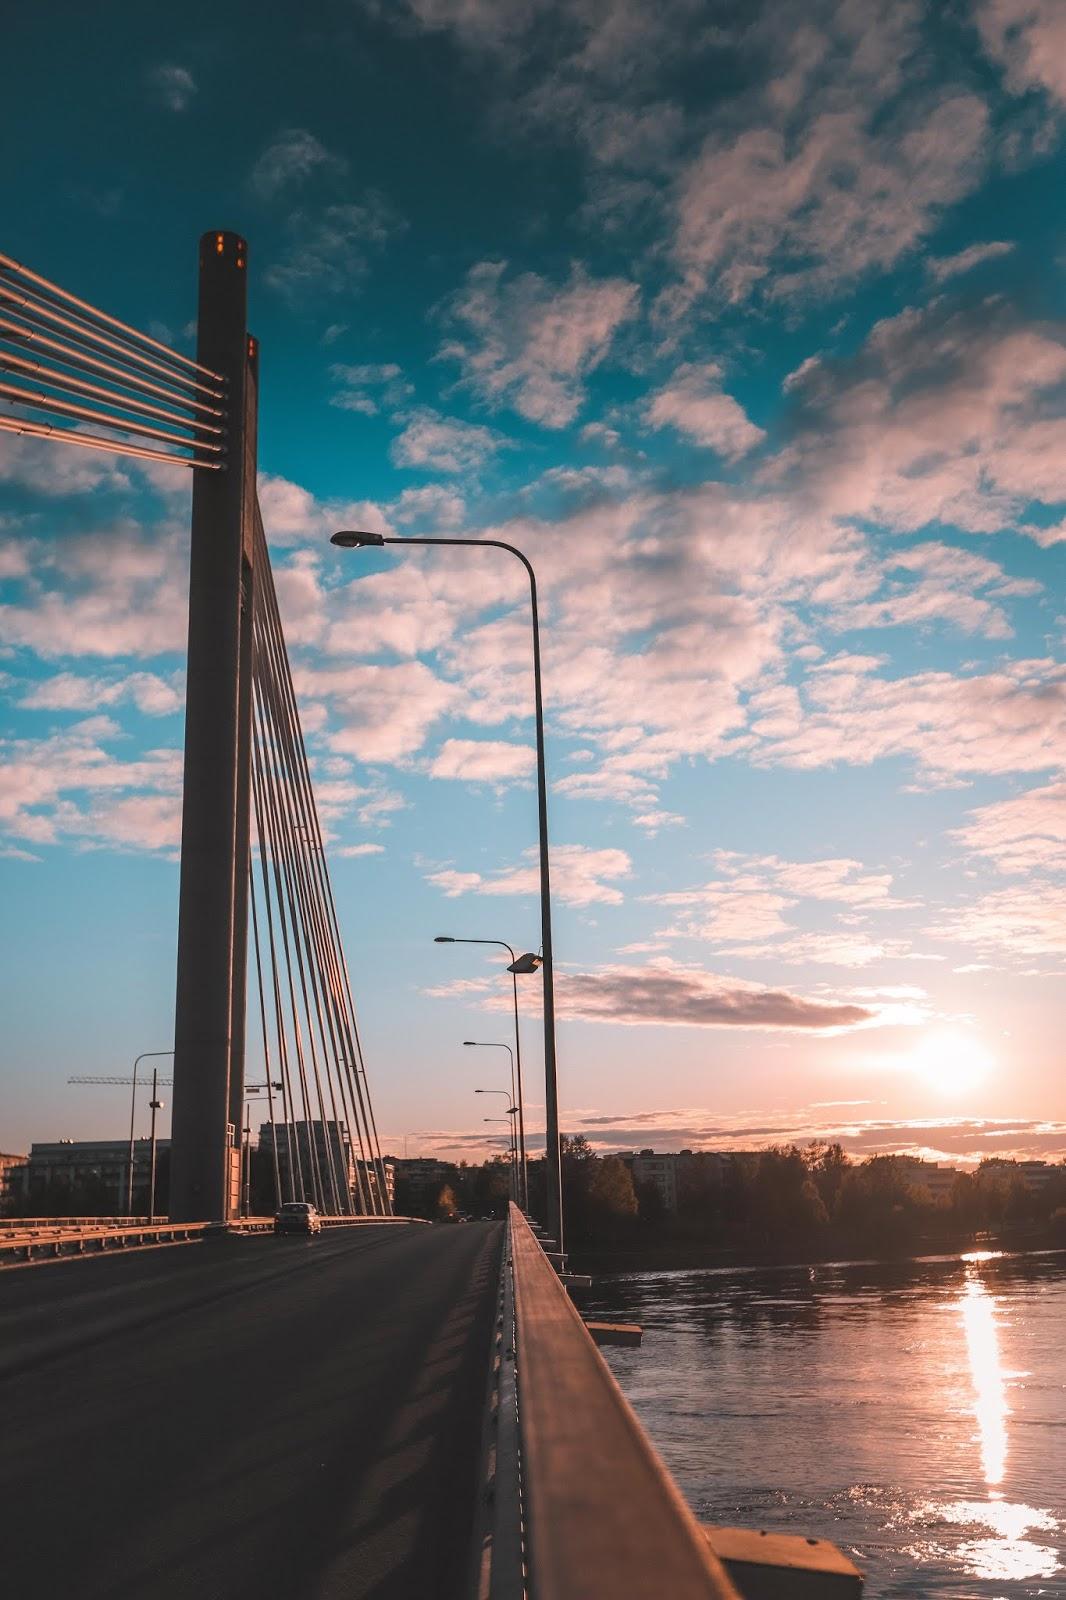 Midnight Sun Experience in Rovaniemi